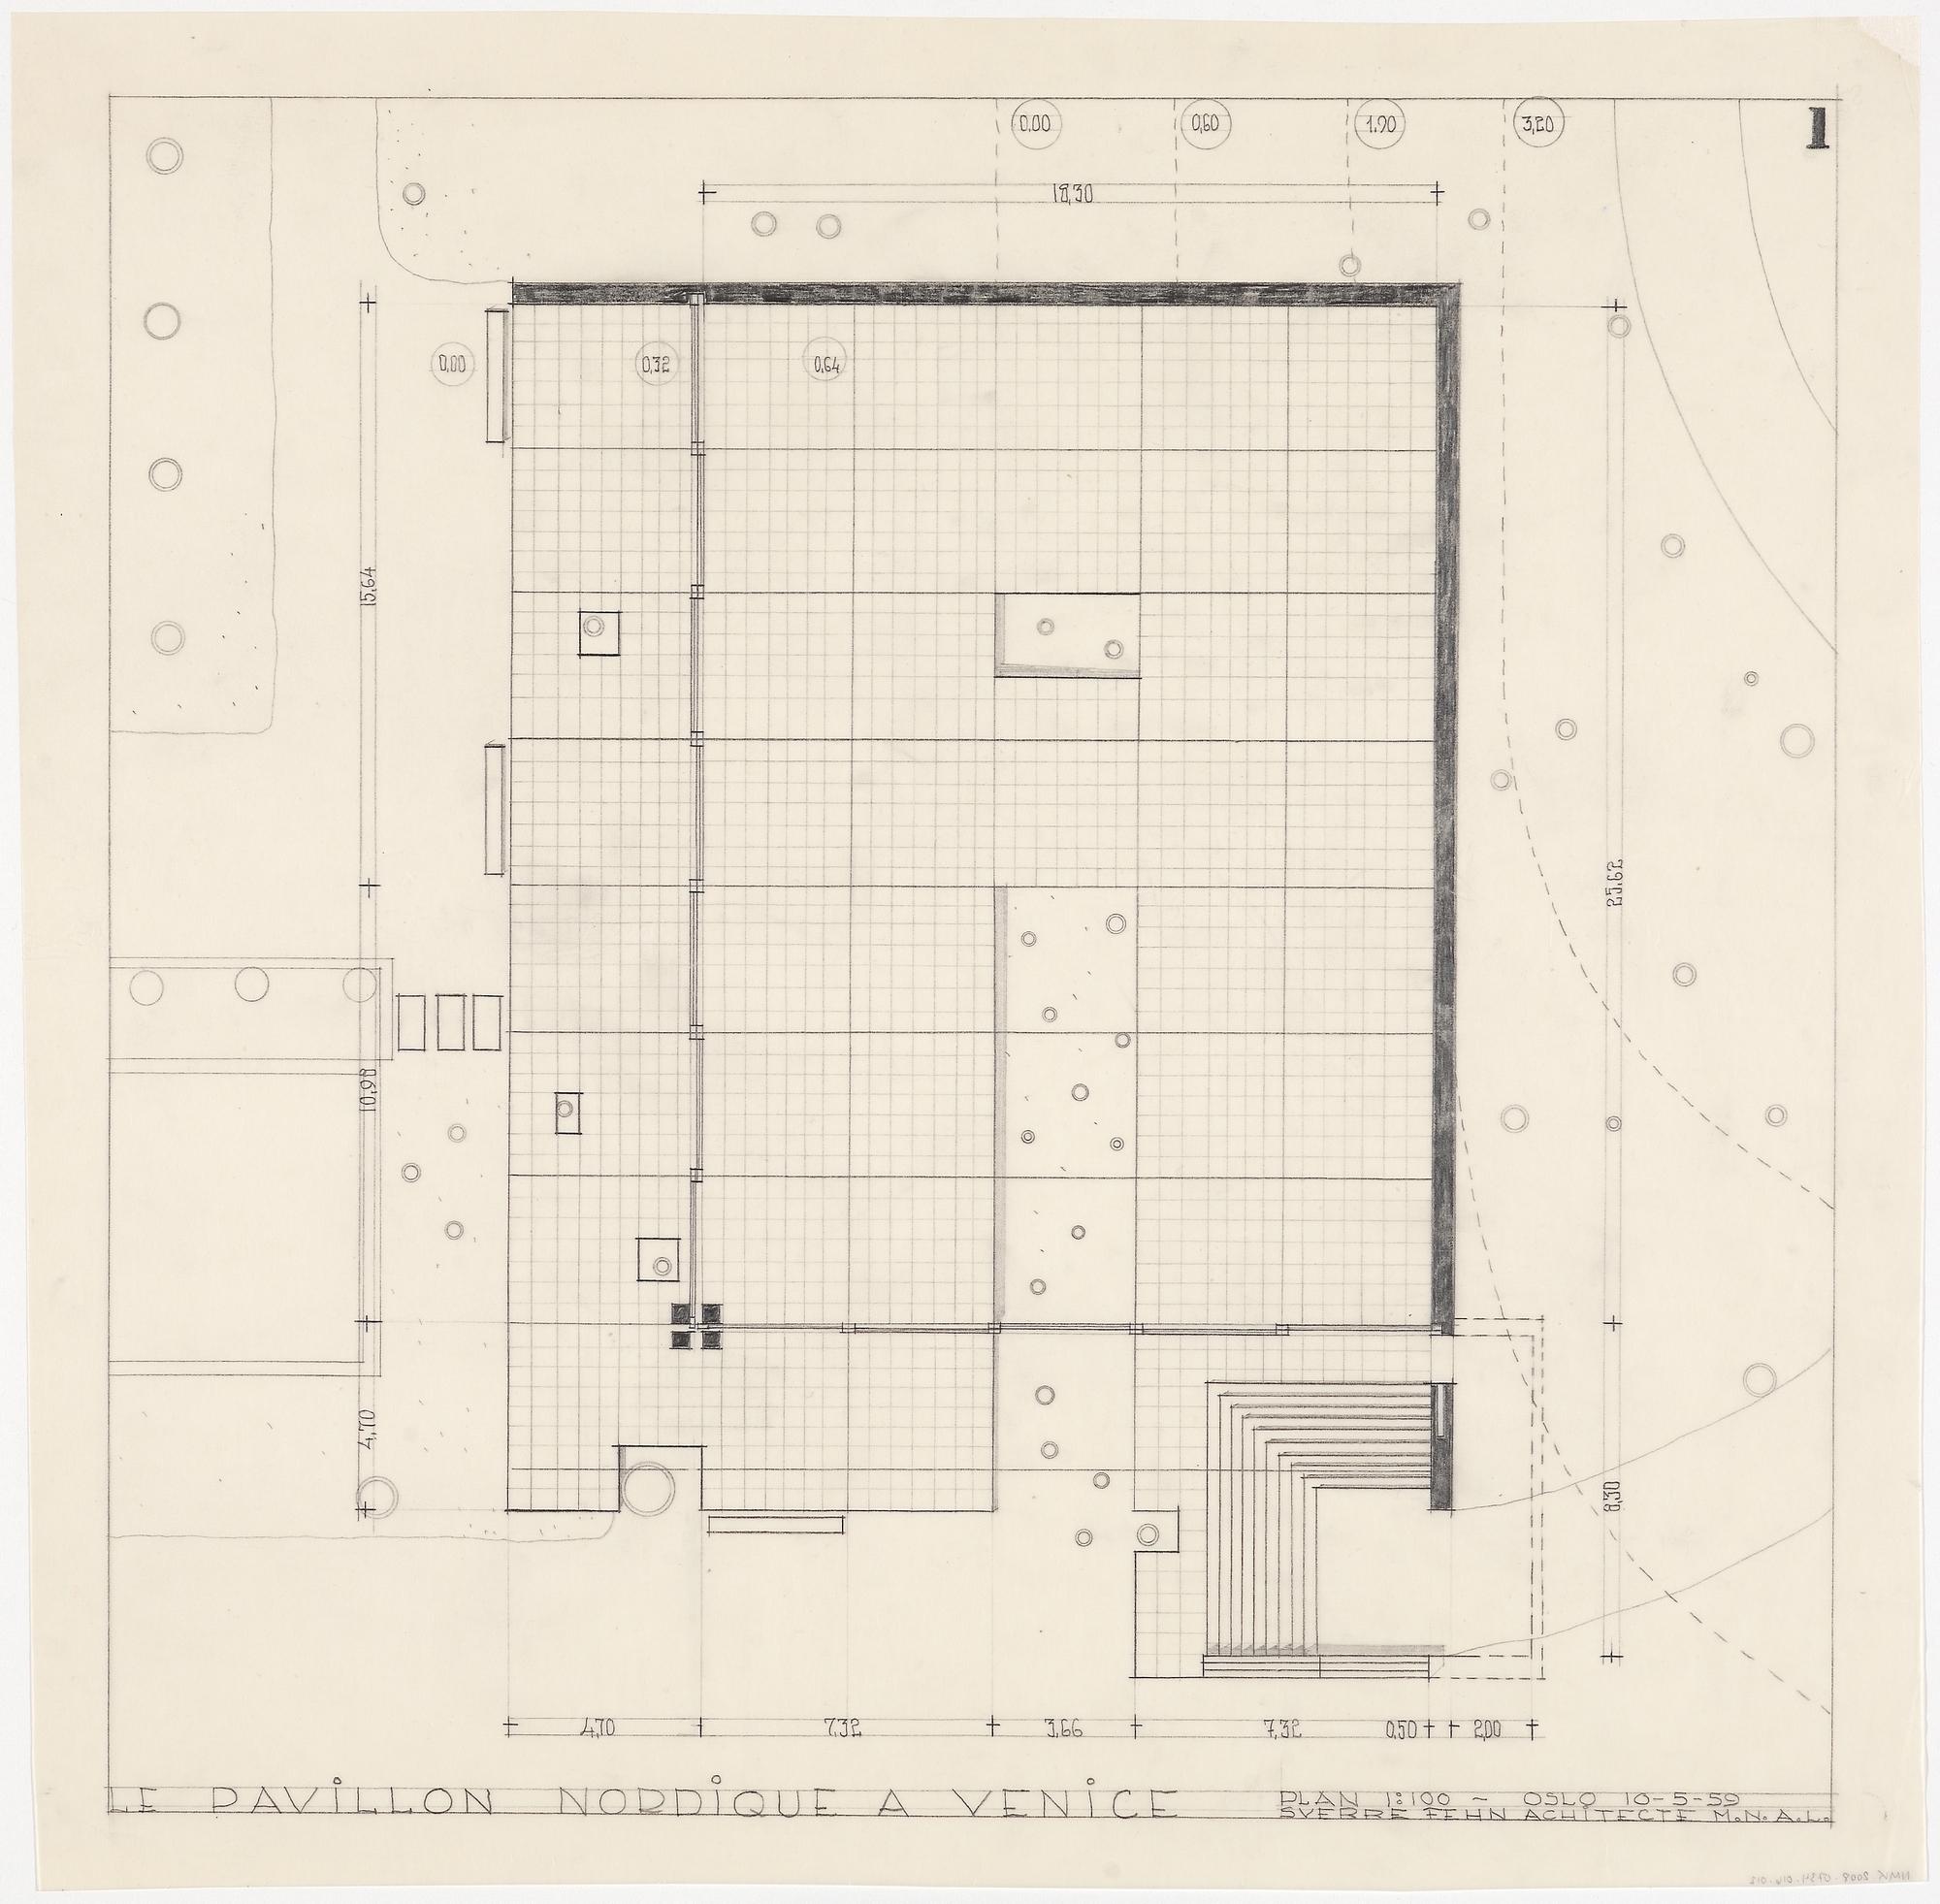 Plan / NMK.2008.0734.016.012 / Fotolisens: Fri ikke-kommersiell bruk